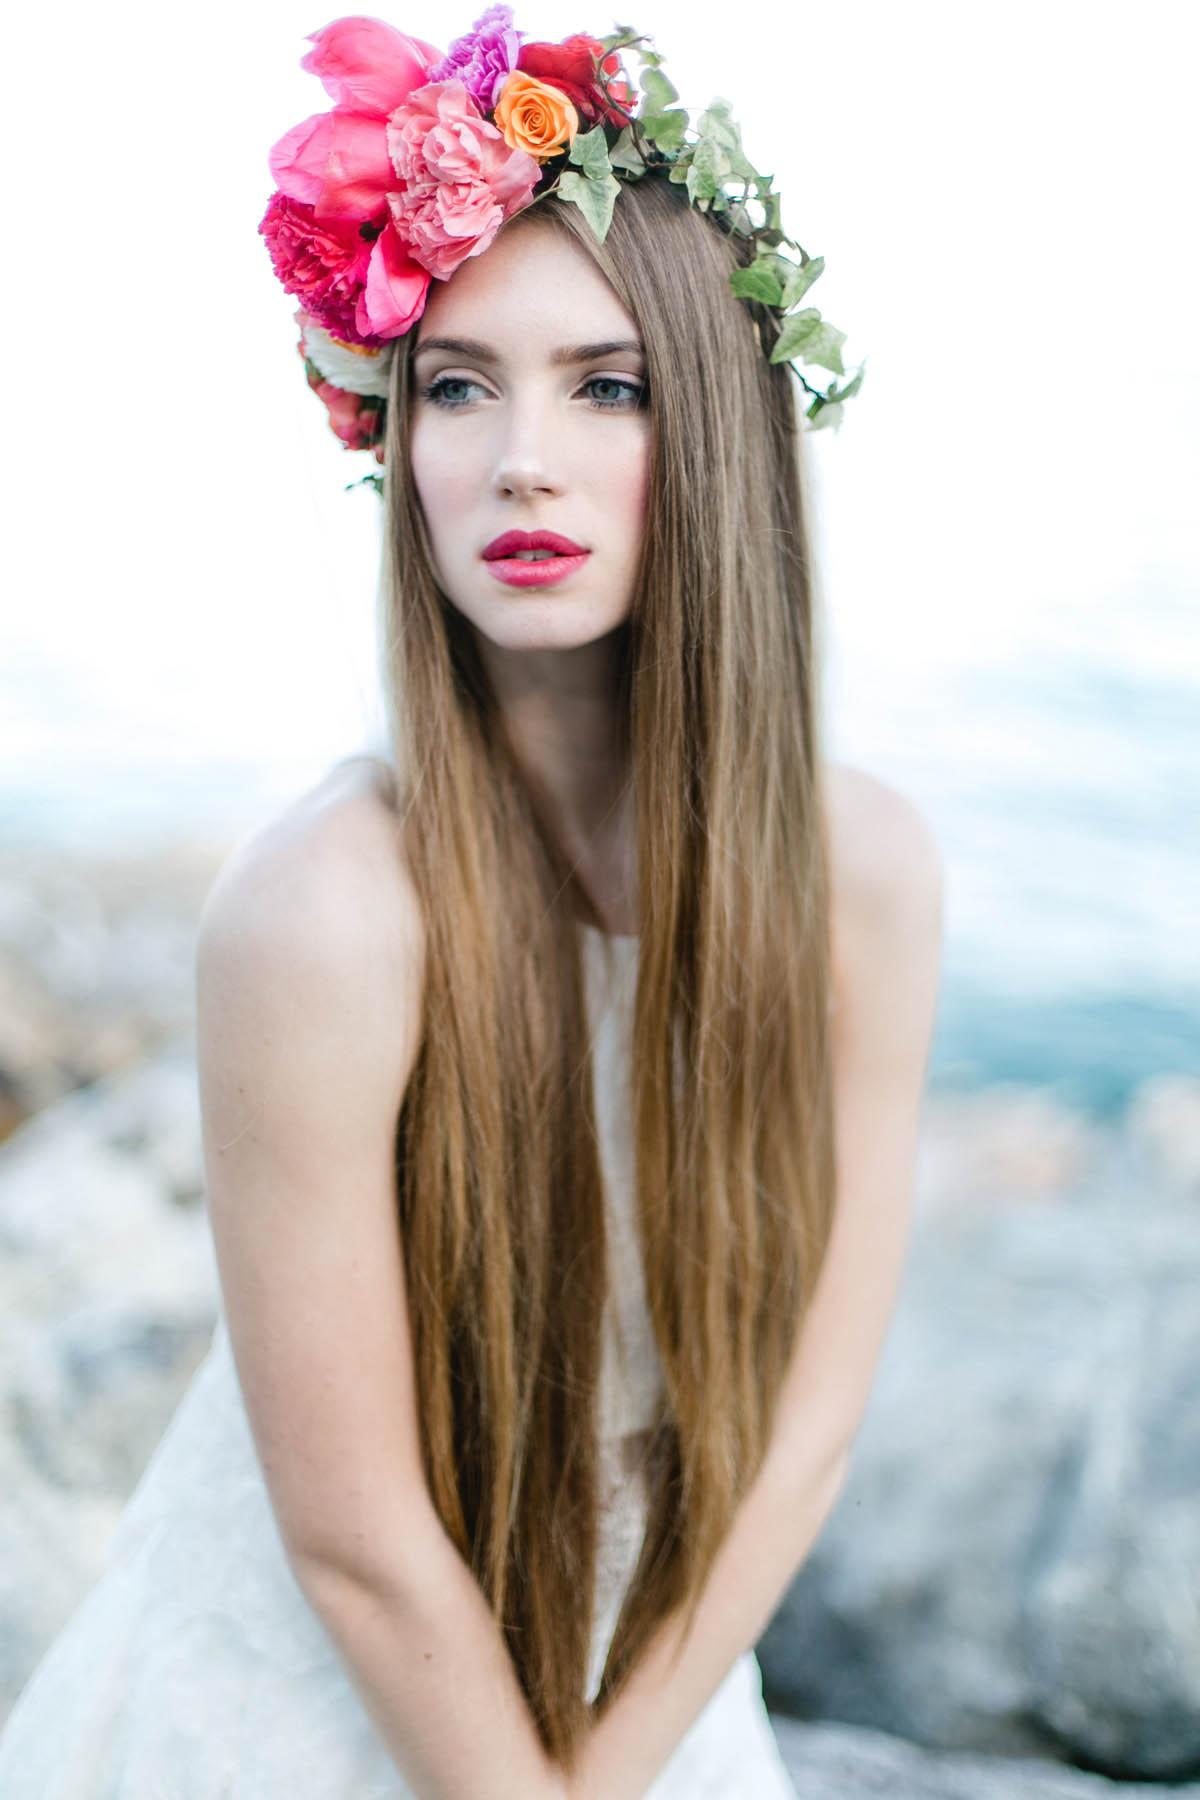 corona di fiori boho chic rosa e arancione